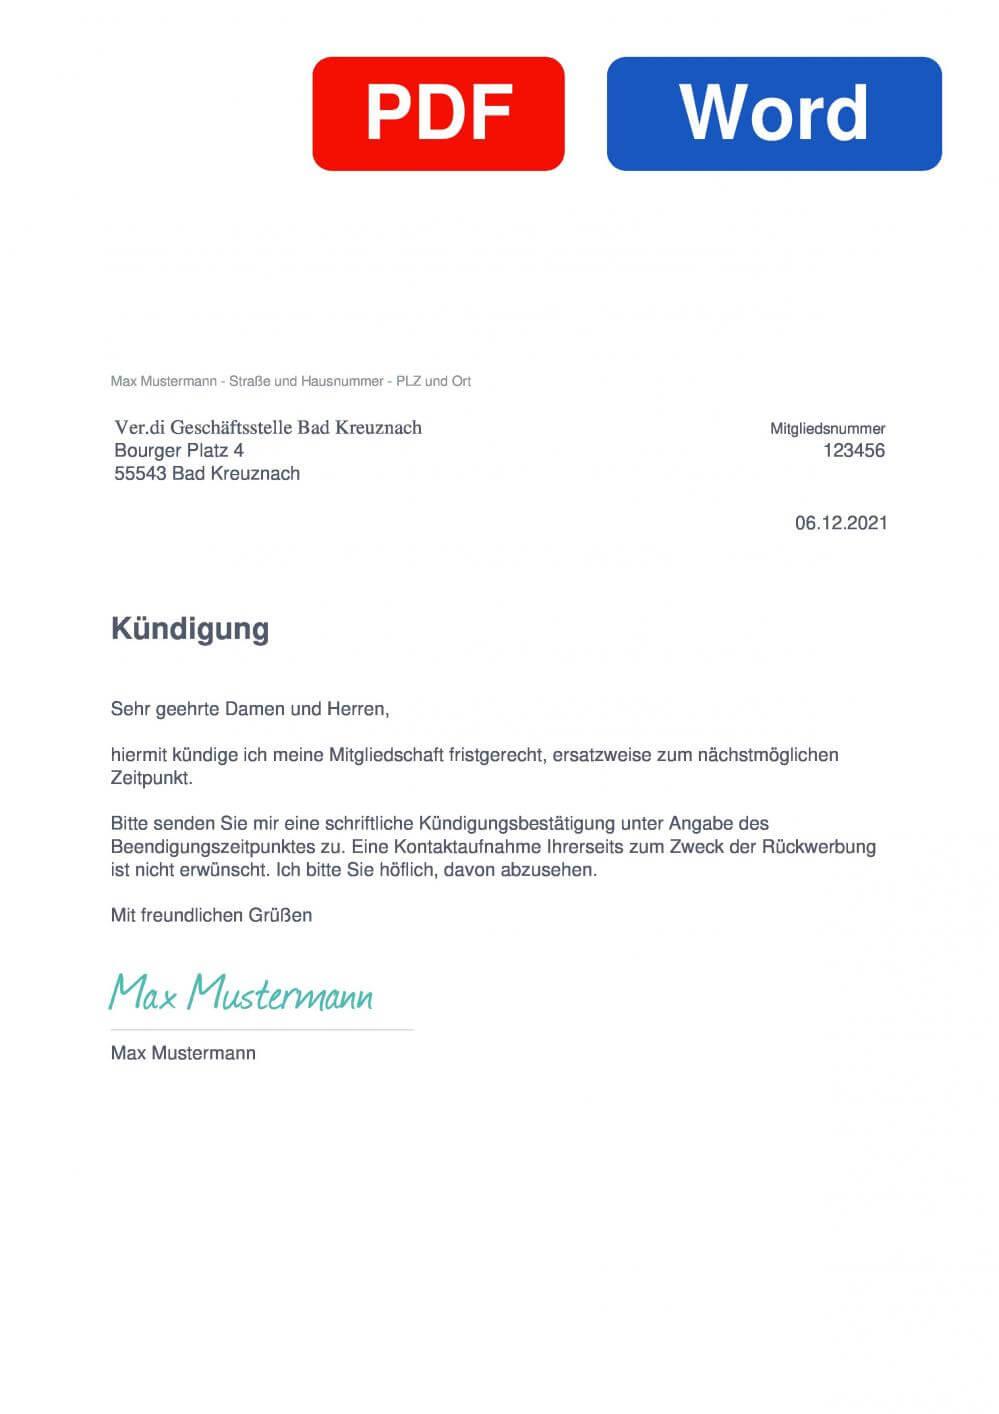 Verdi Bad Kreuznach Muster Vorlage für Kündigungsschreiben